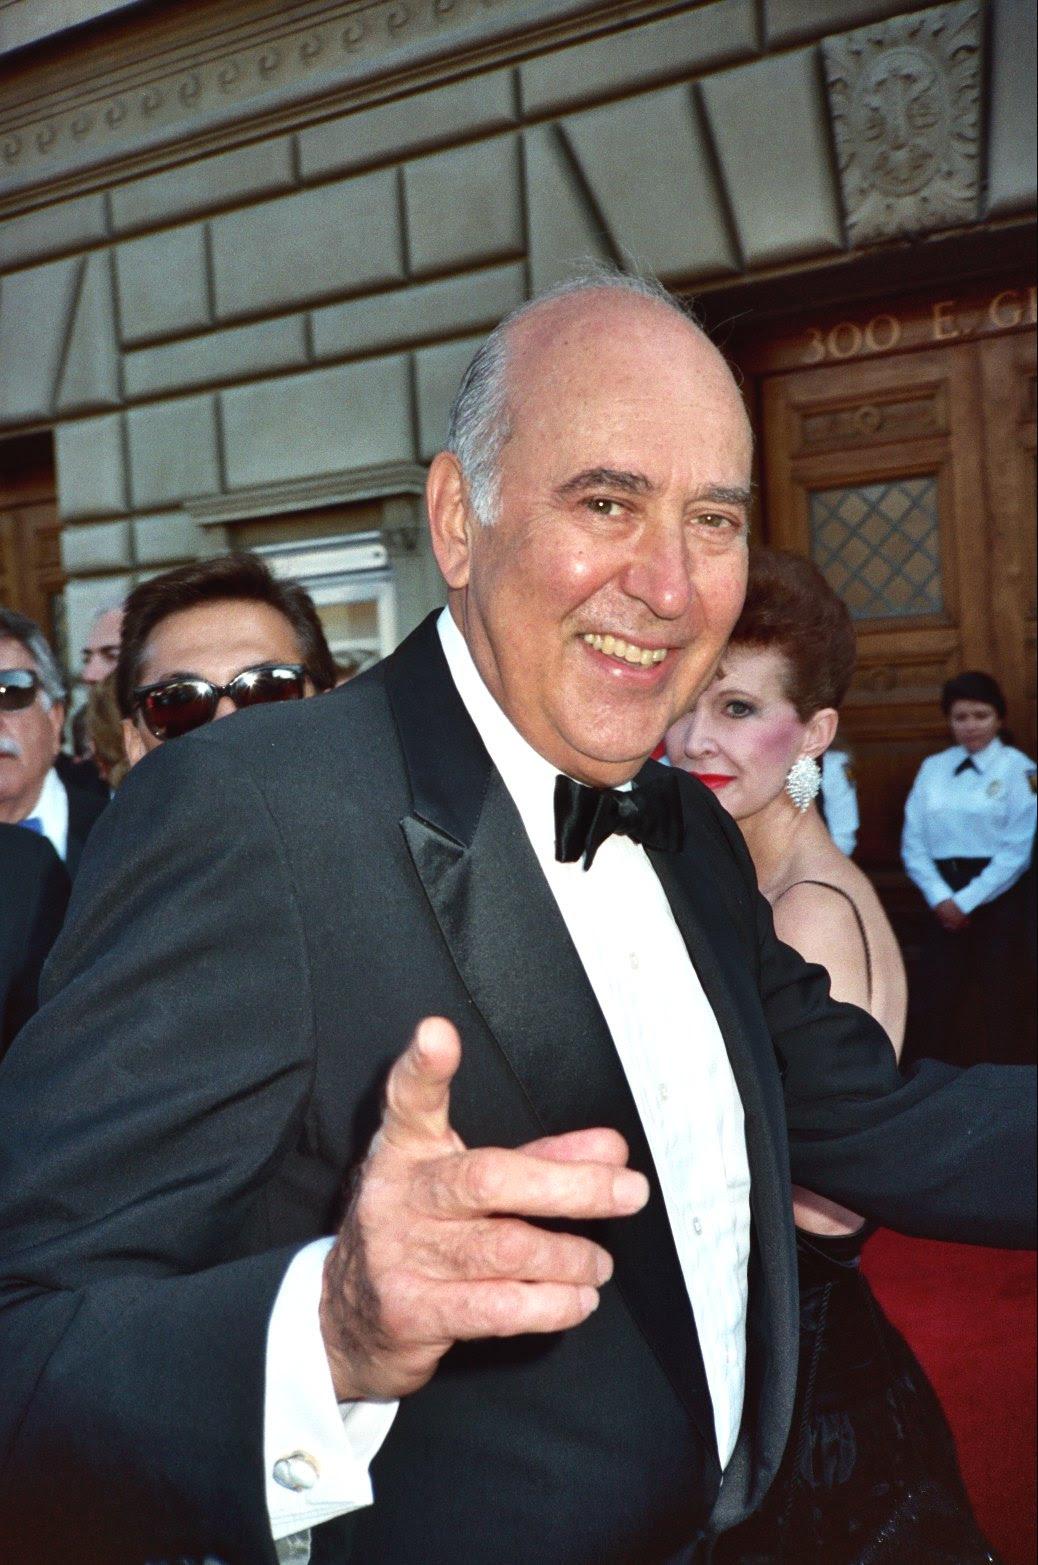 http://upload.wikimedia.org/wikipedia/commons/e/e7/Carl_Reiner.jpg